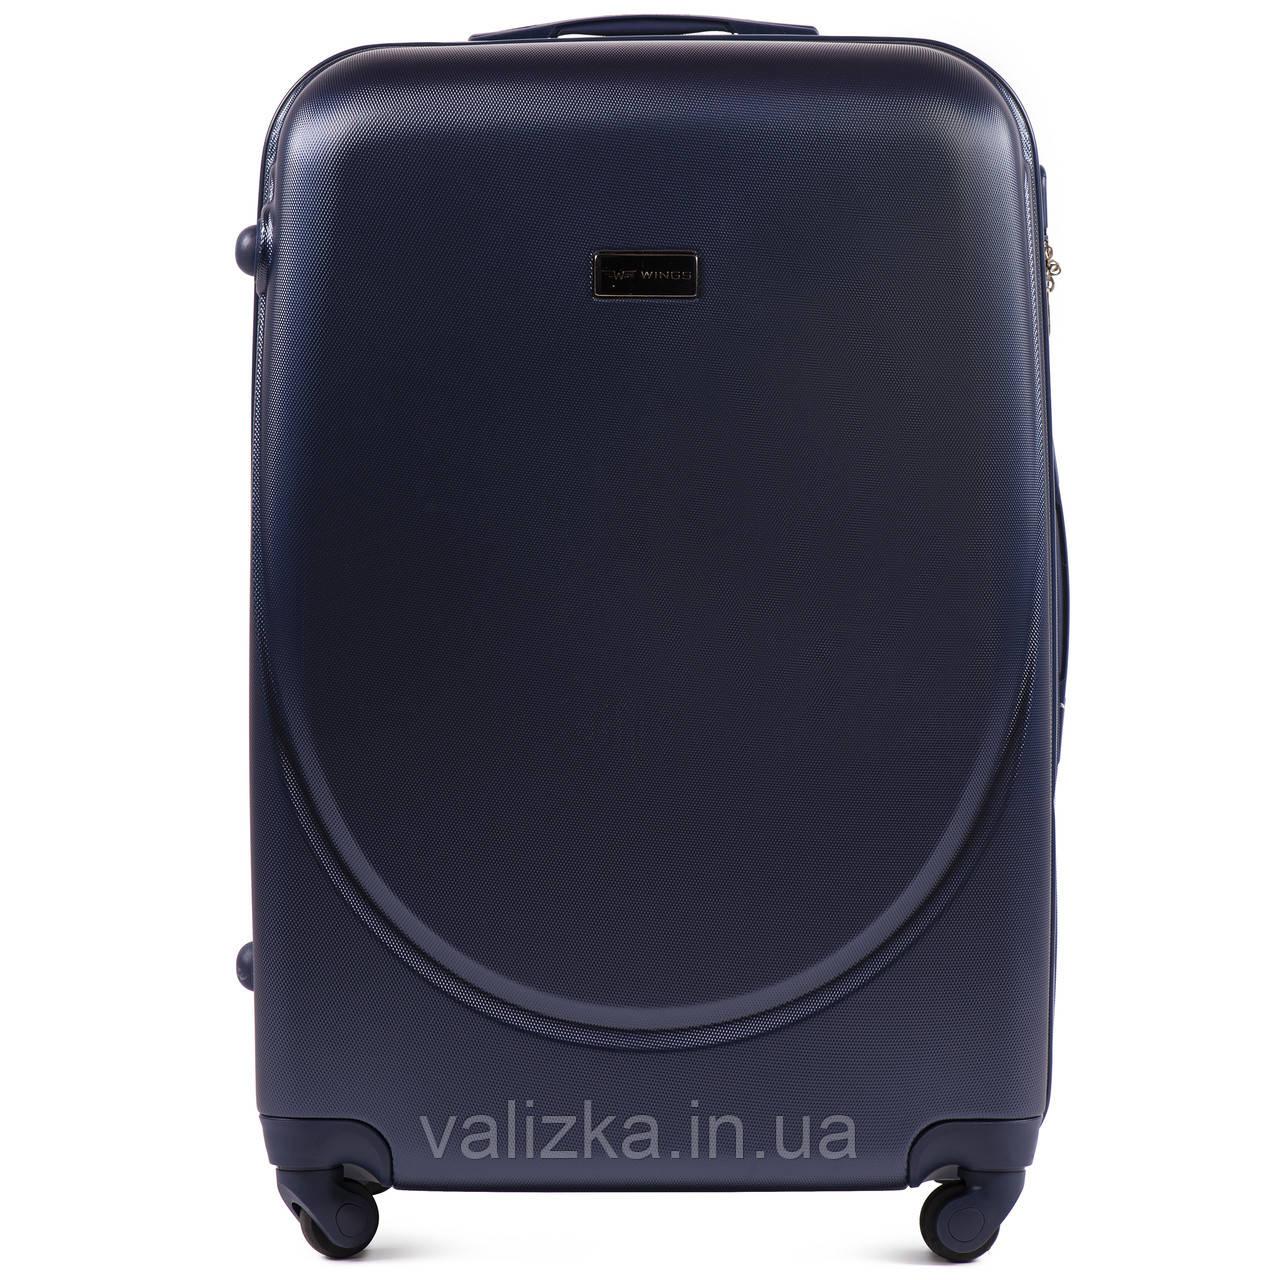 Большой пластиковый чемодан с фурнитурой в цвет синий